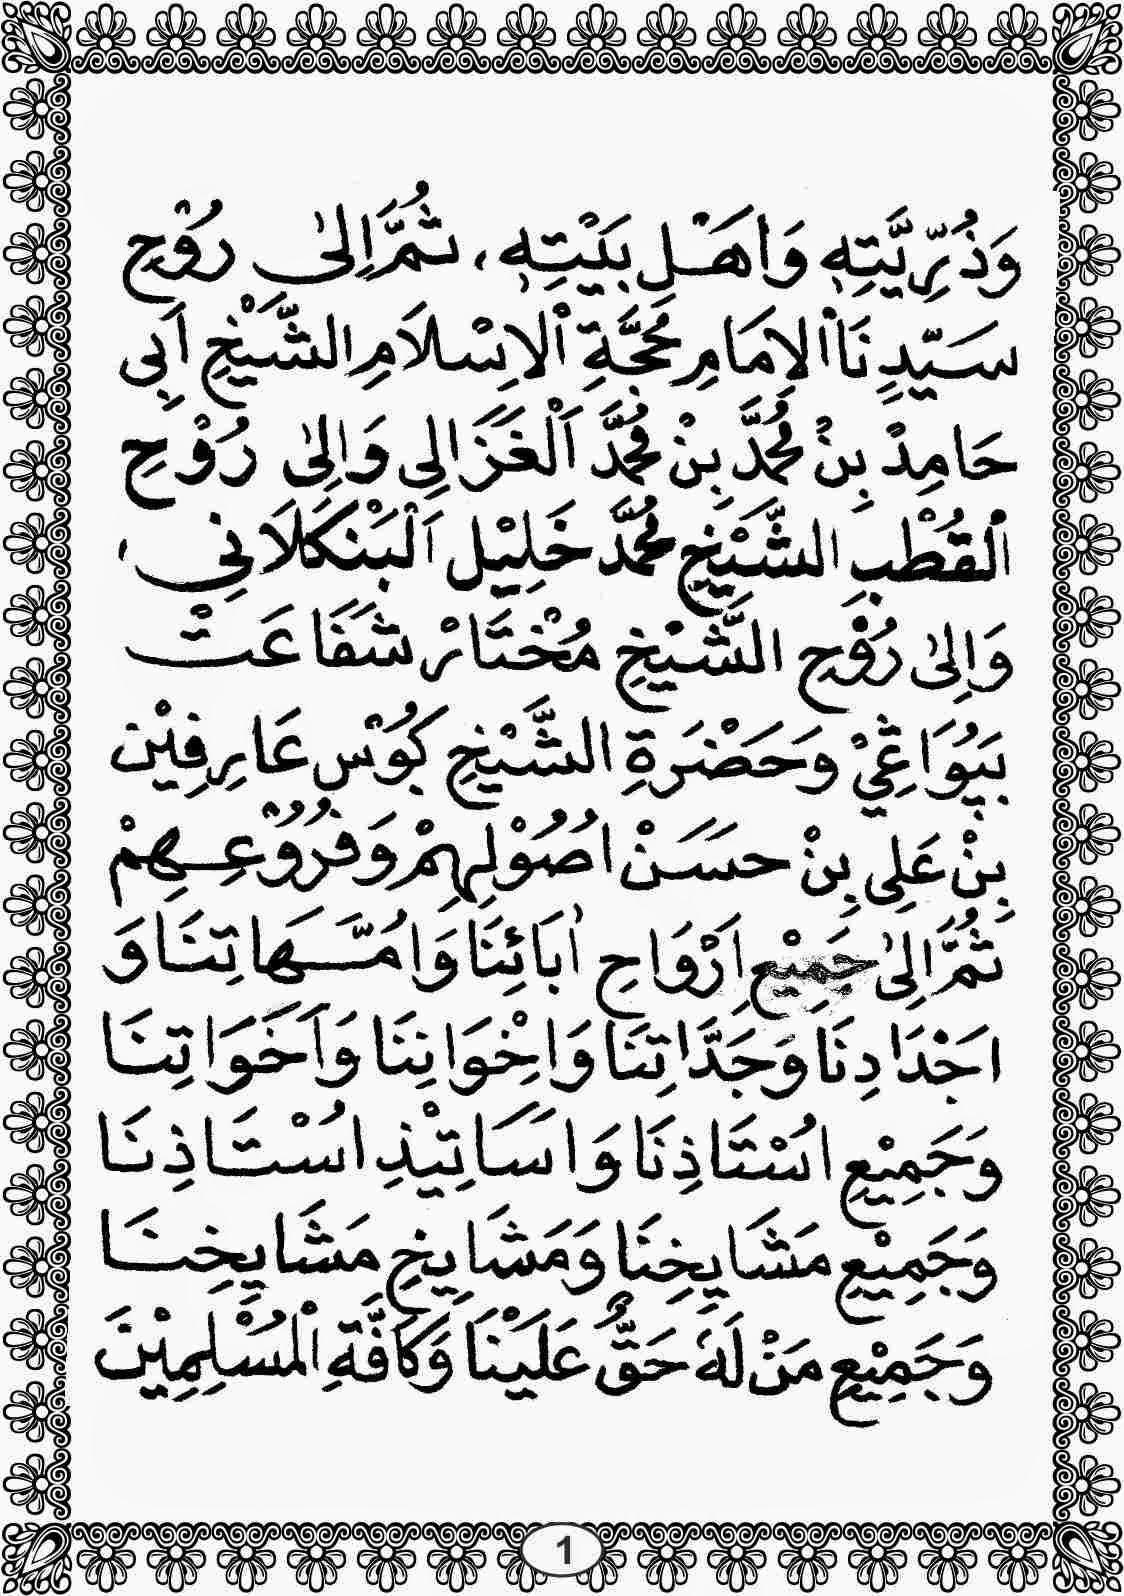 Download manaqib syekh abdul qodir jaelani pdf995